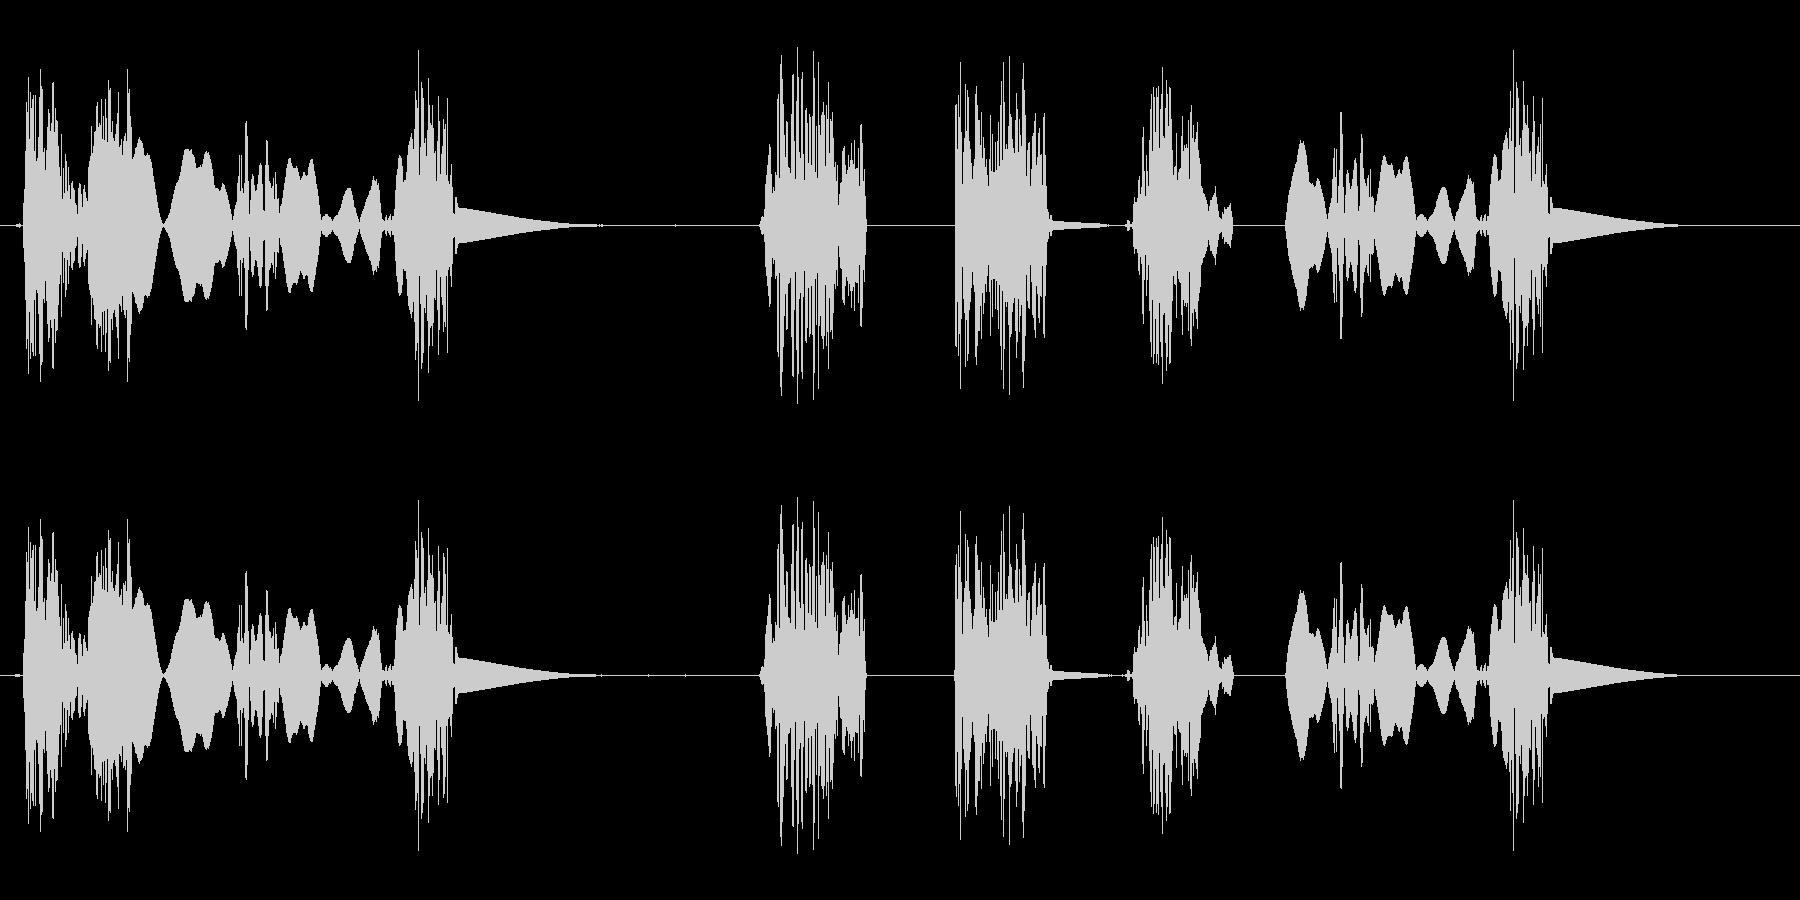 引きずり音(足音のようなスクラッチ音)の未再生の波形